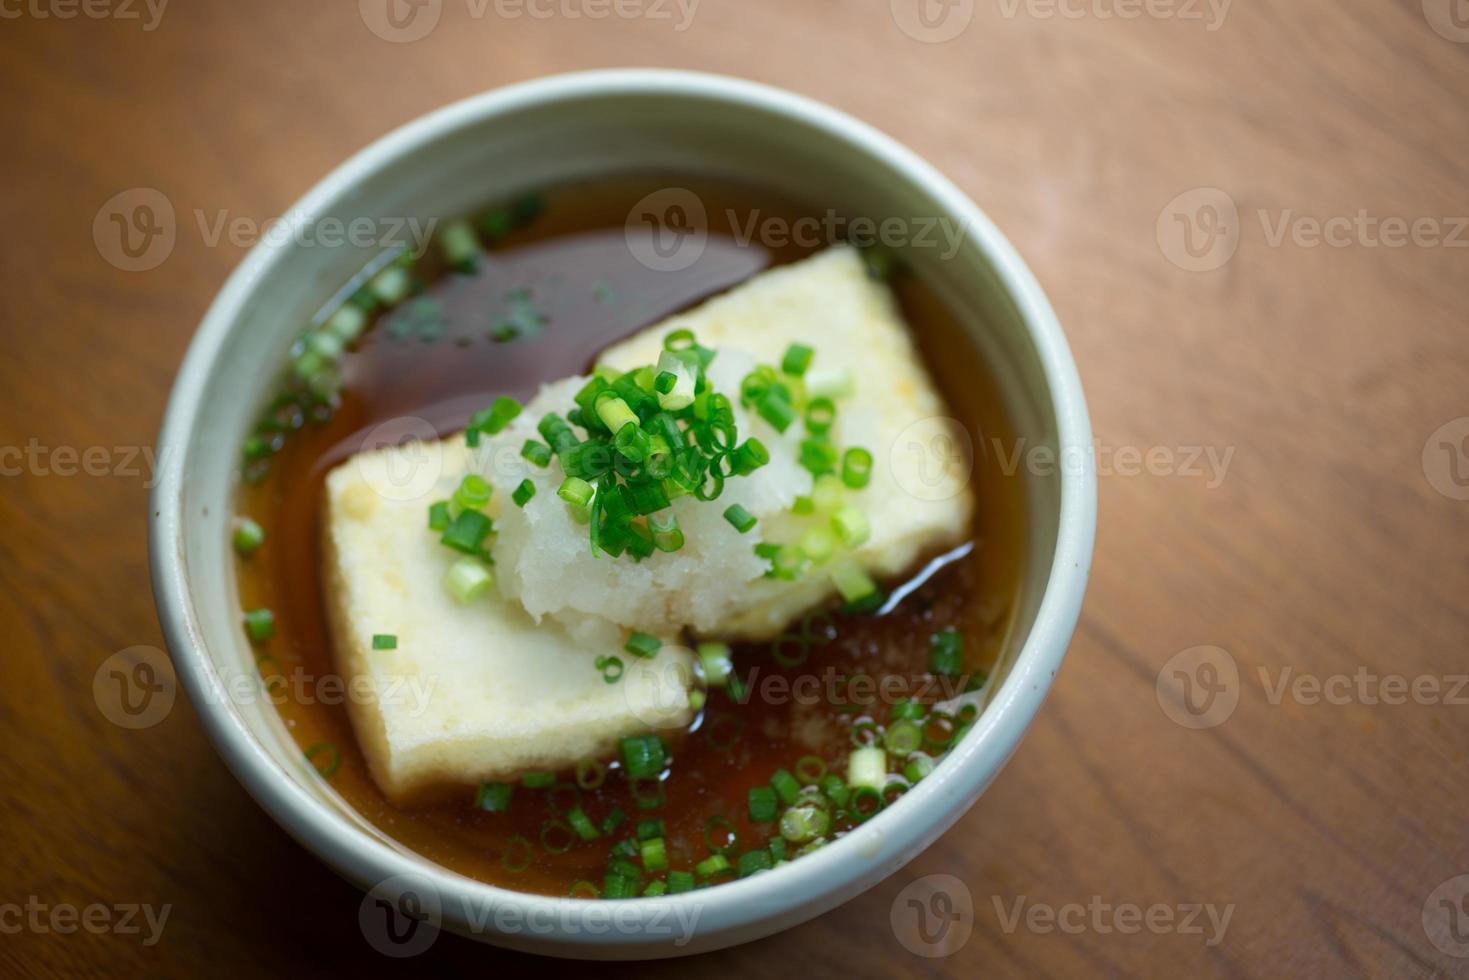 Japanese Cuisine Agedashi tofu photo